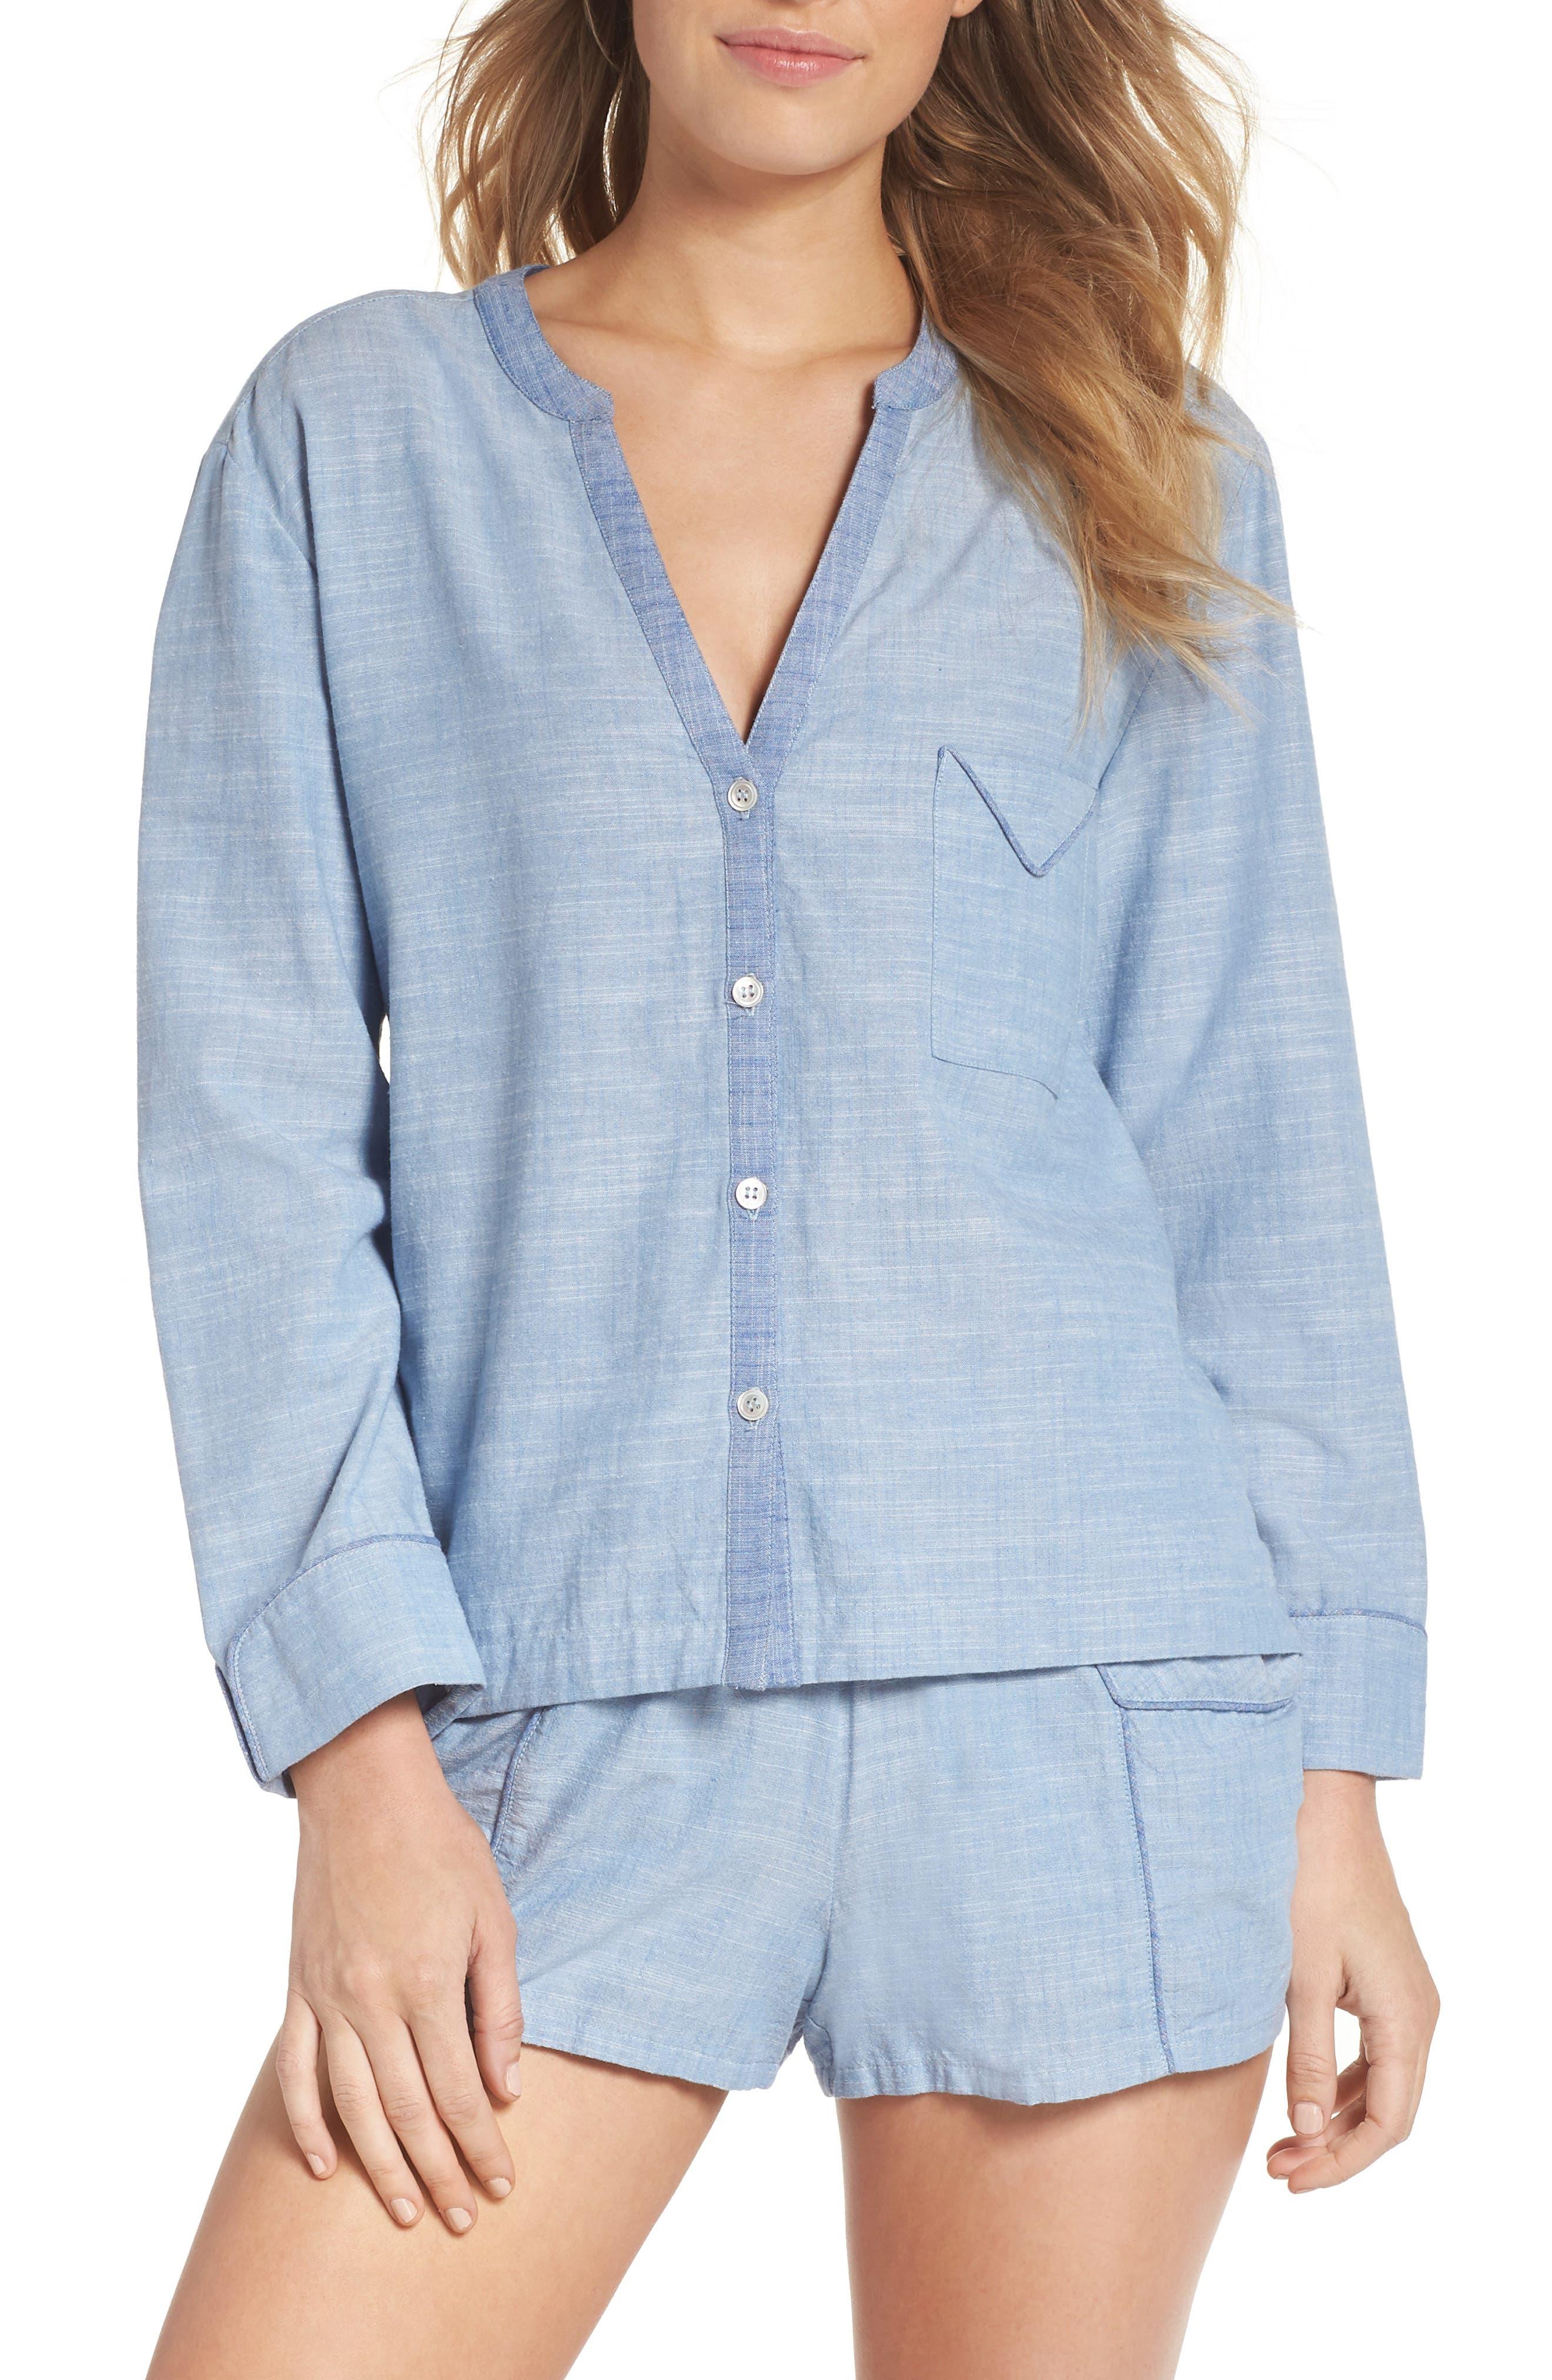 Jayne Pajama Top,                         Main,                         color, Light Chambray